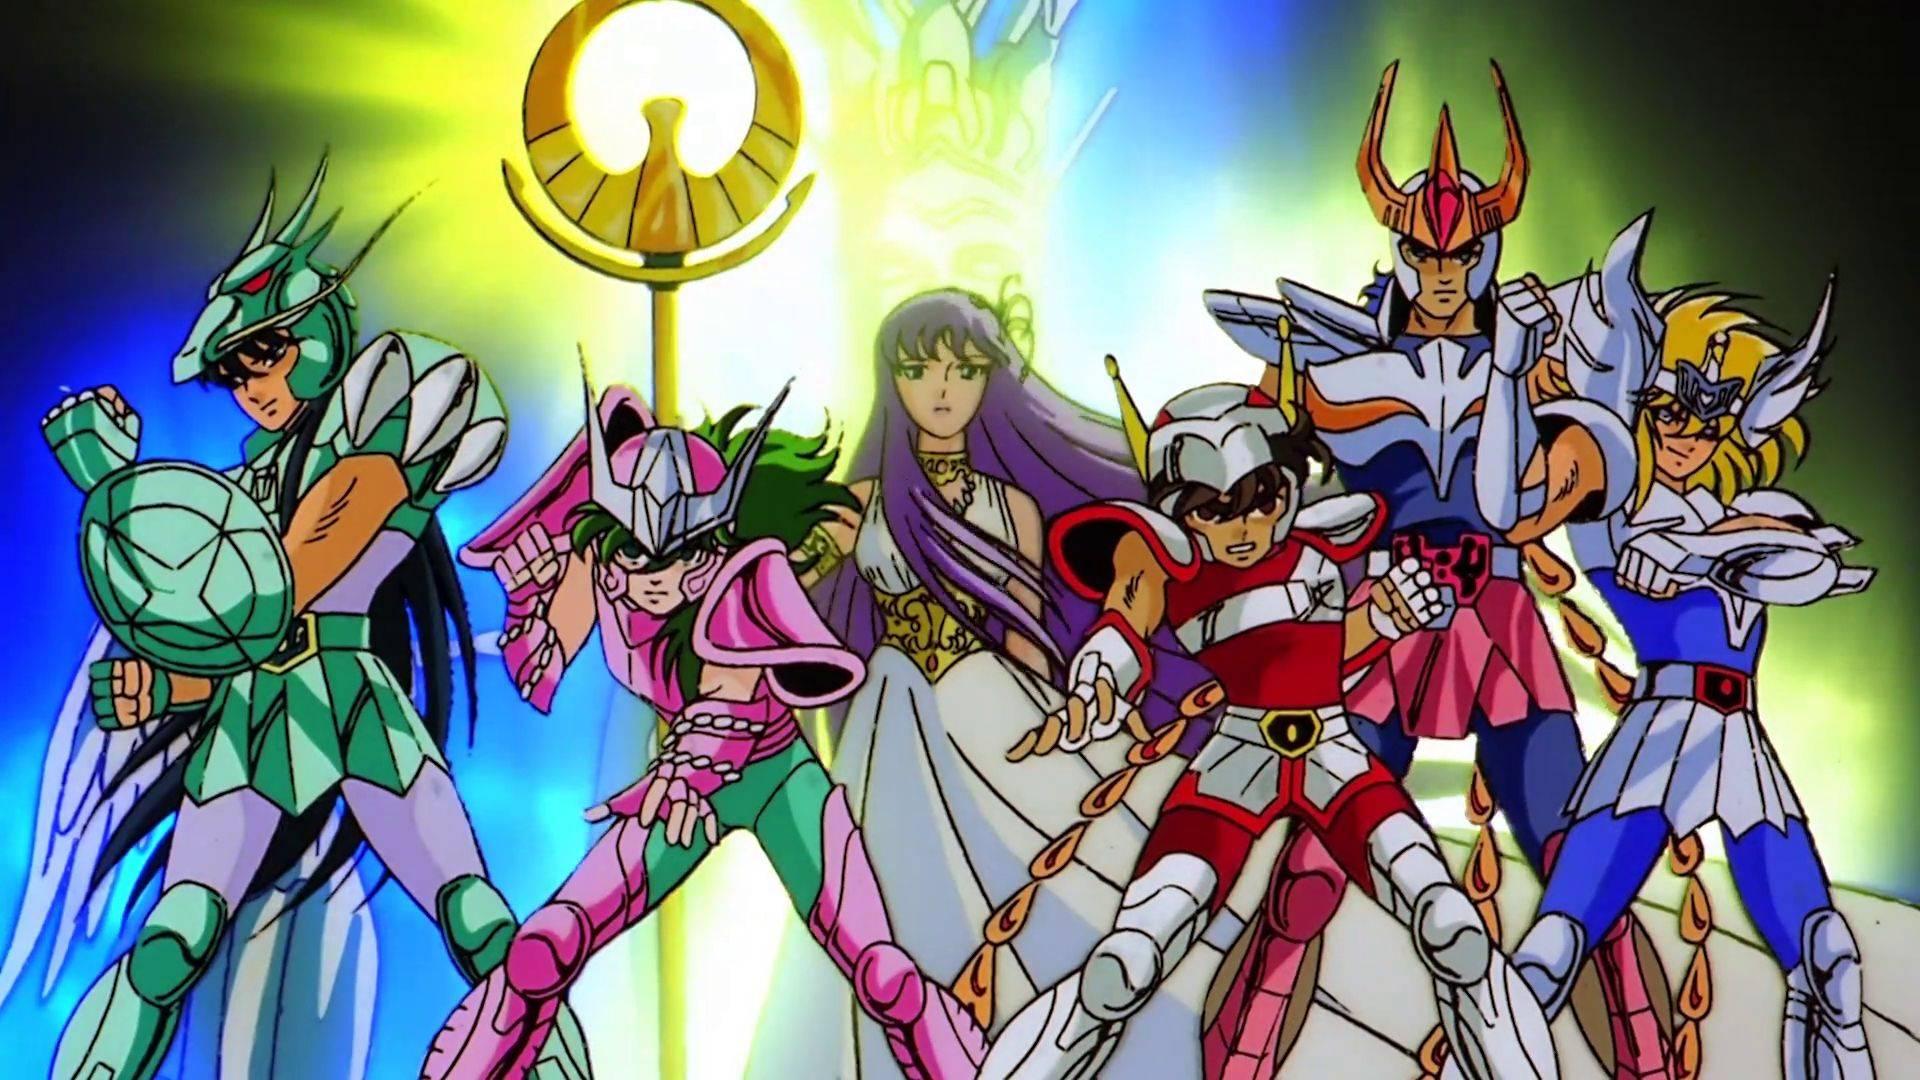 """Recordado Anime """"Los Caballeros del Zodiaco"""" podría llegar pronto a Netflix"""